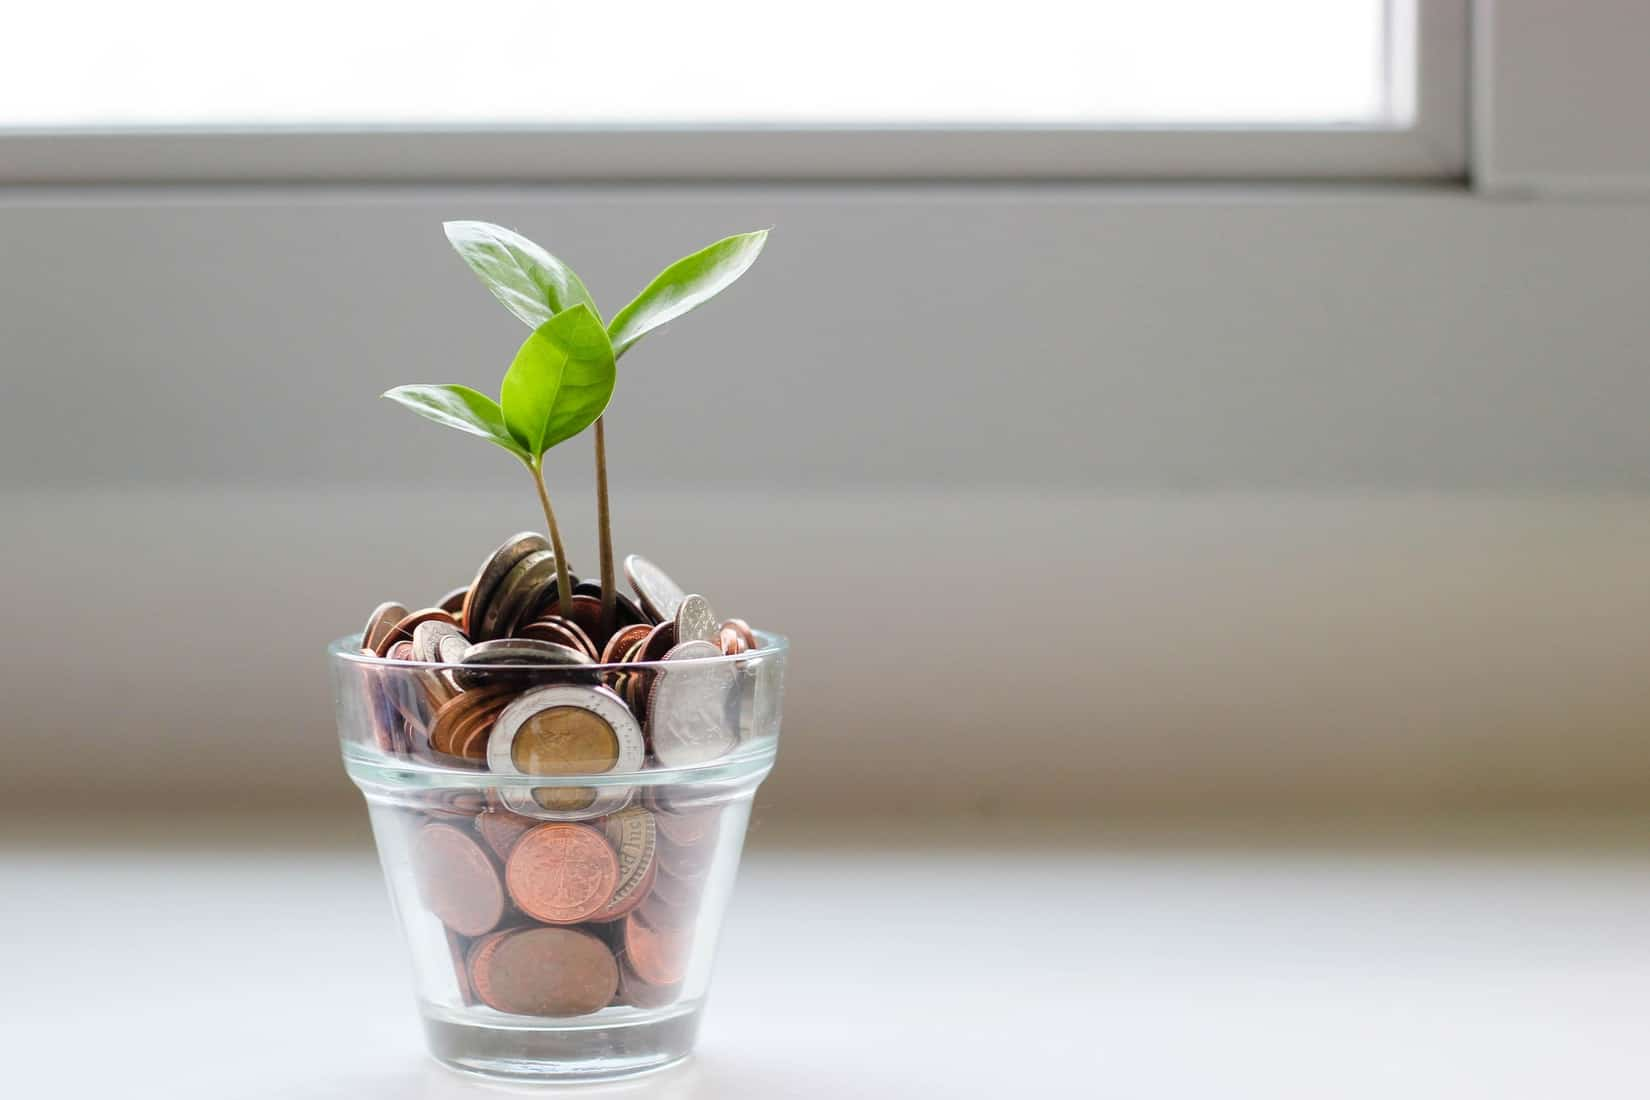 سرمایه گذاران چه پارامترهایی را در تصمیم به سرمایه گذاری مورد توجه قرار میدهند؟